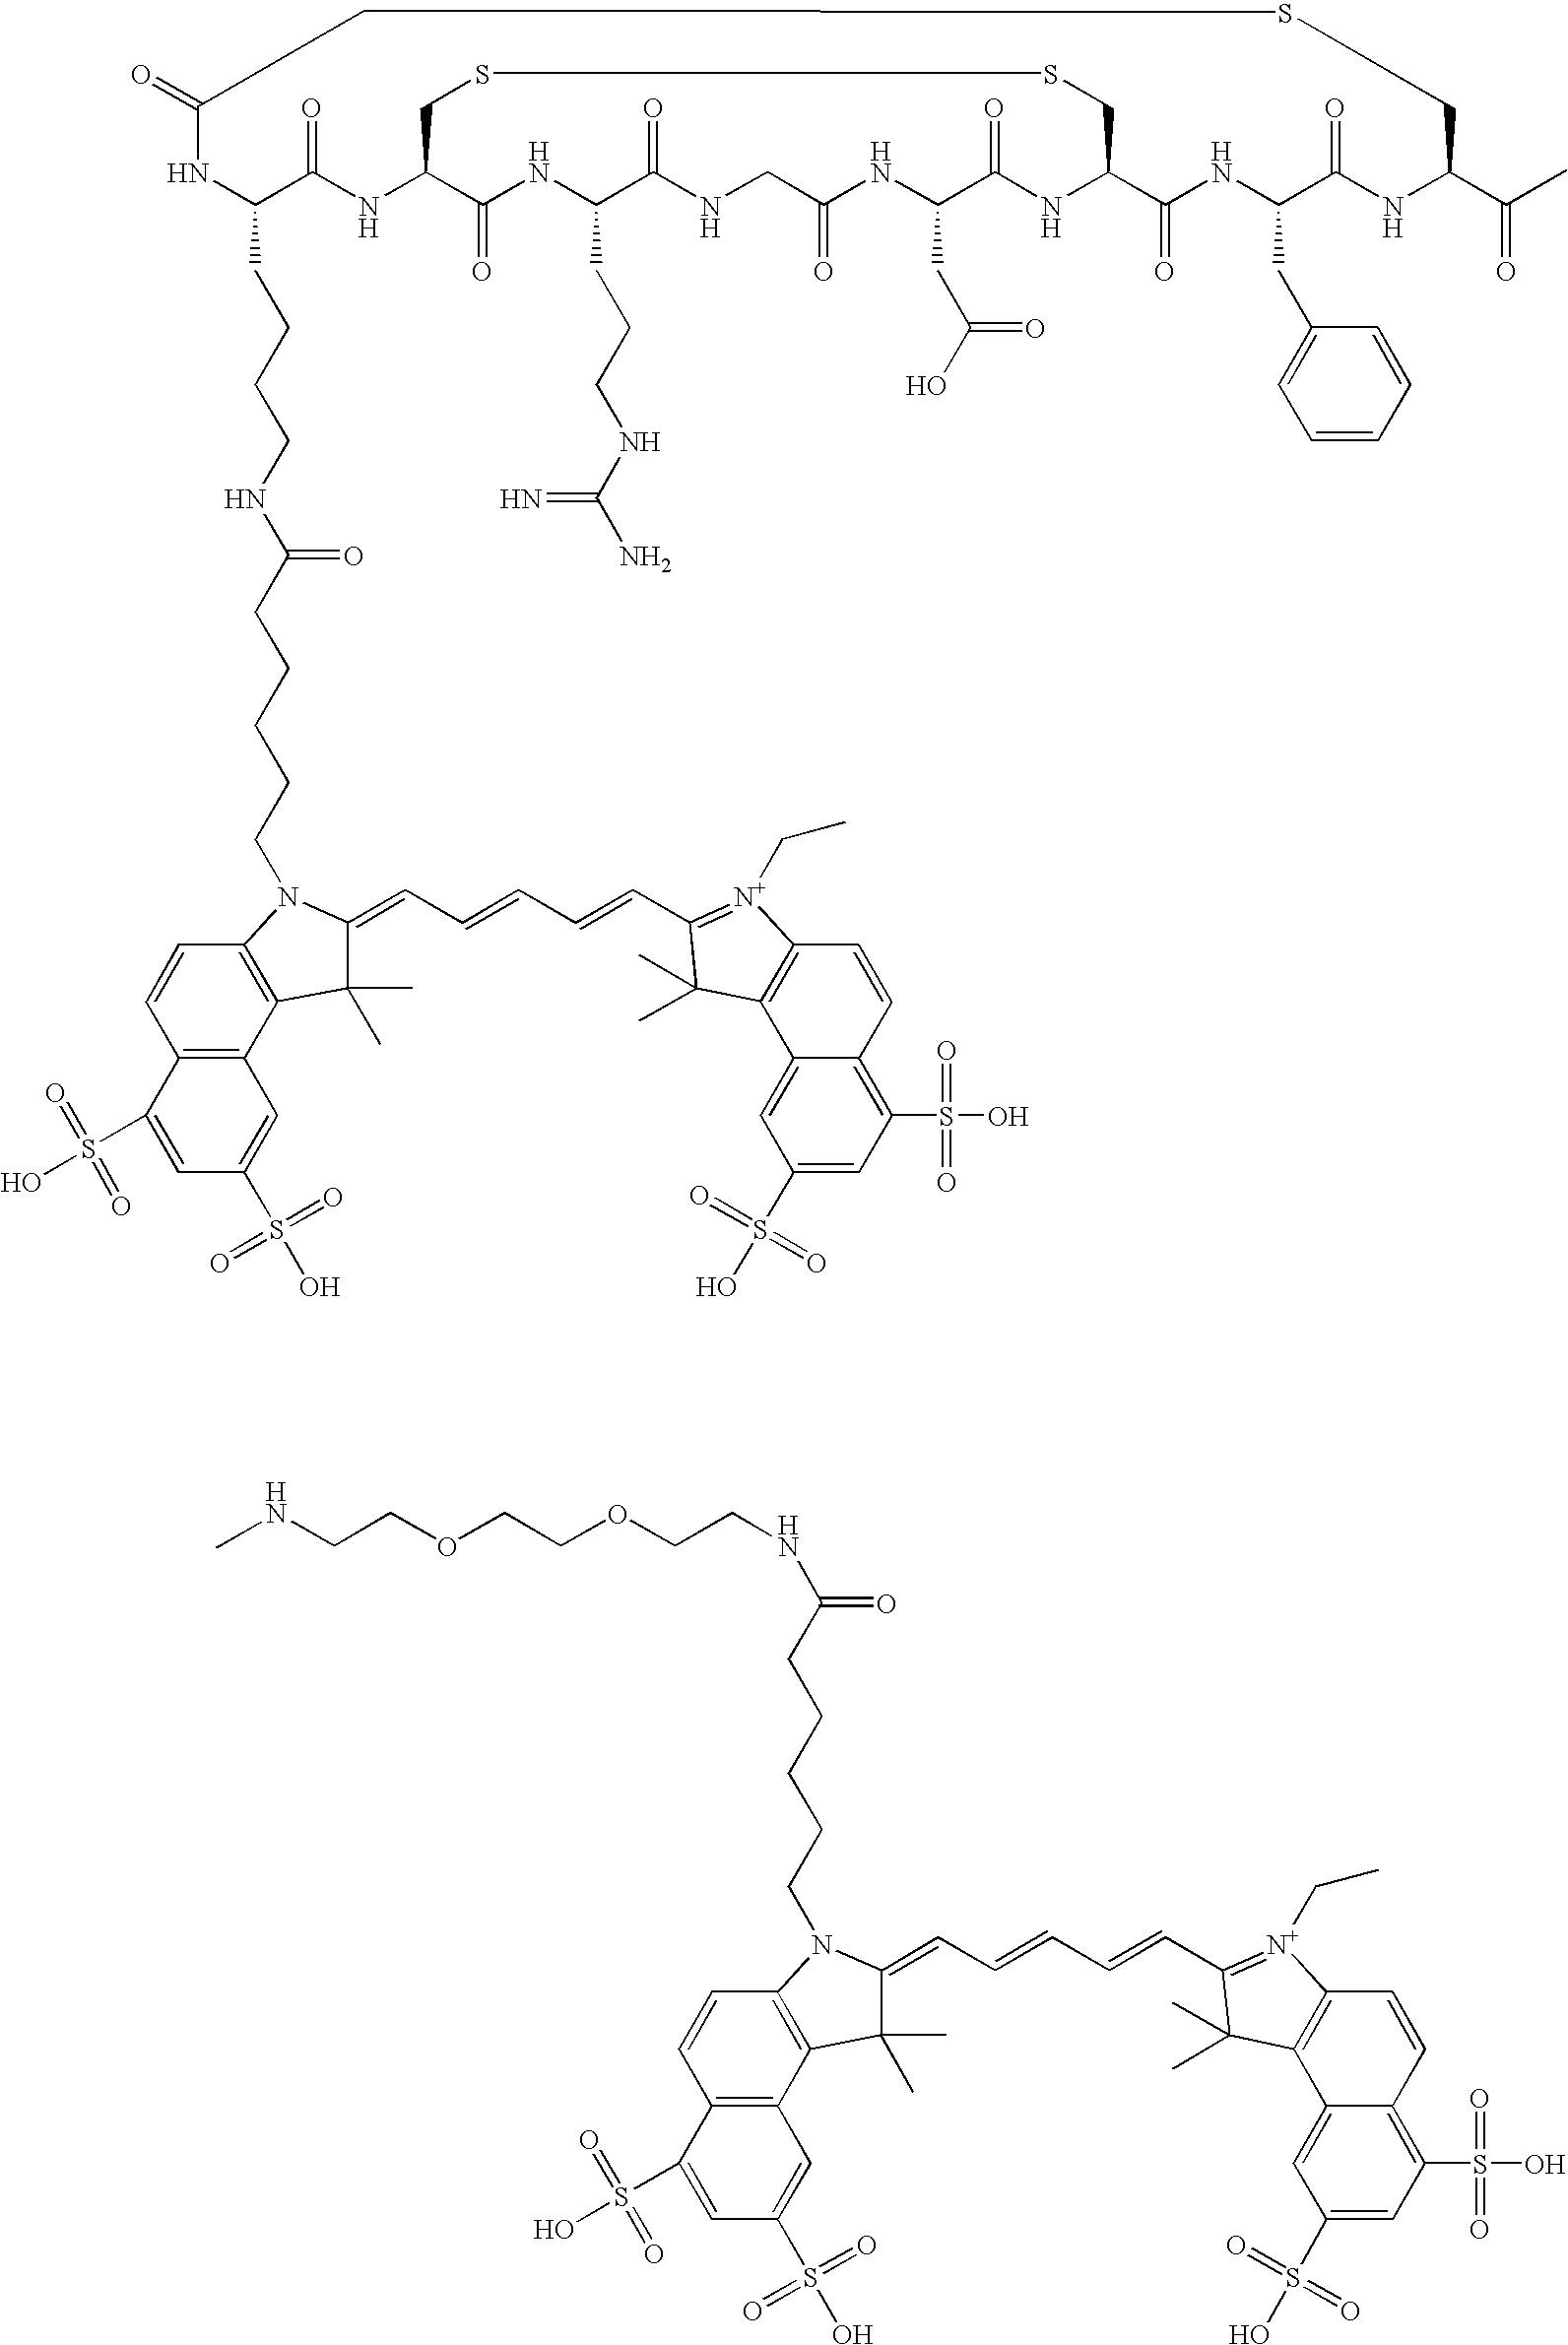 Figure US20090232741A1-20090917-C00016